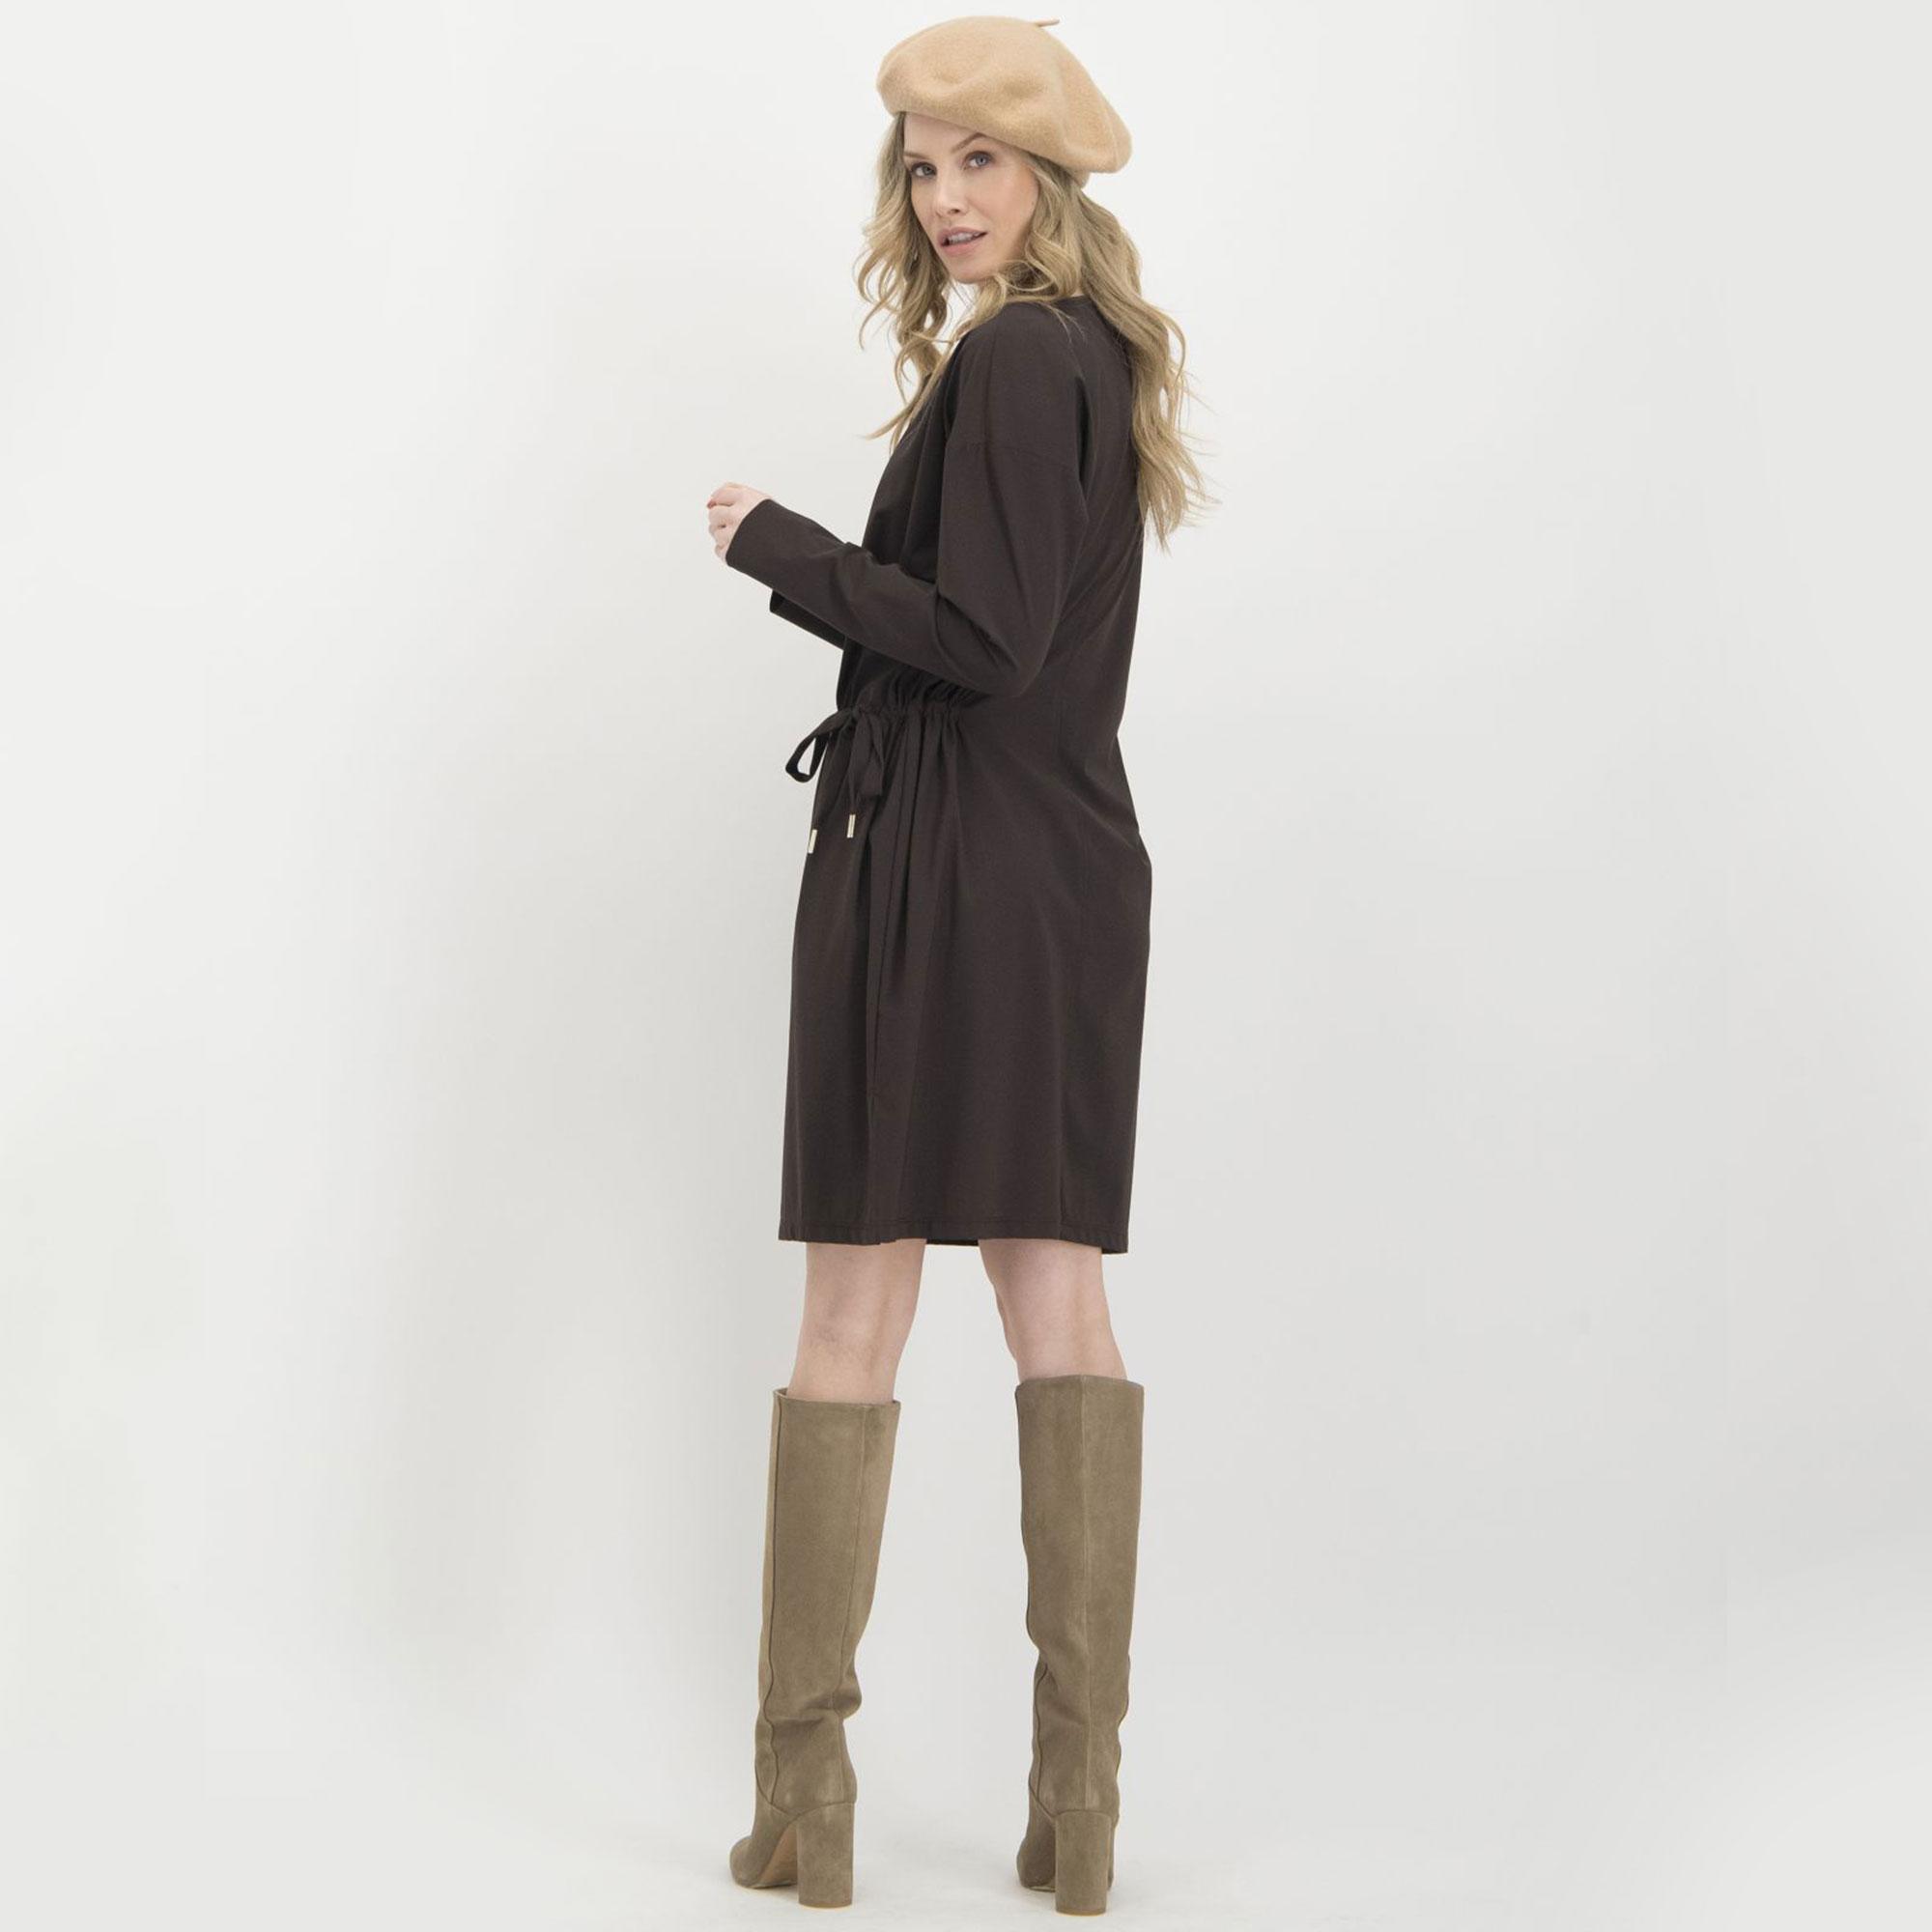 Kleid, braun - Look 4 Shop.de